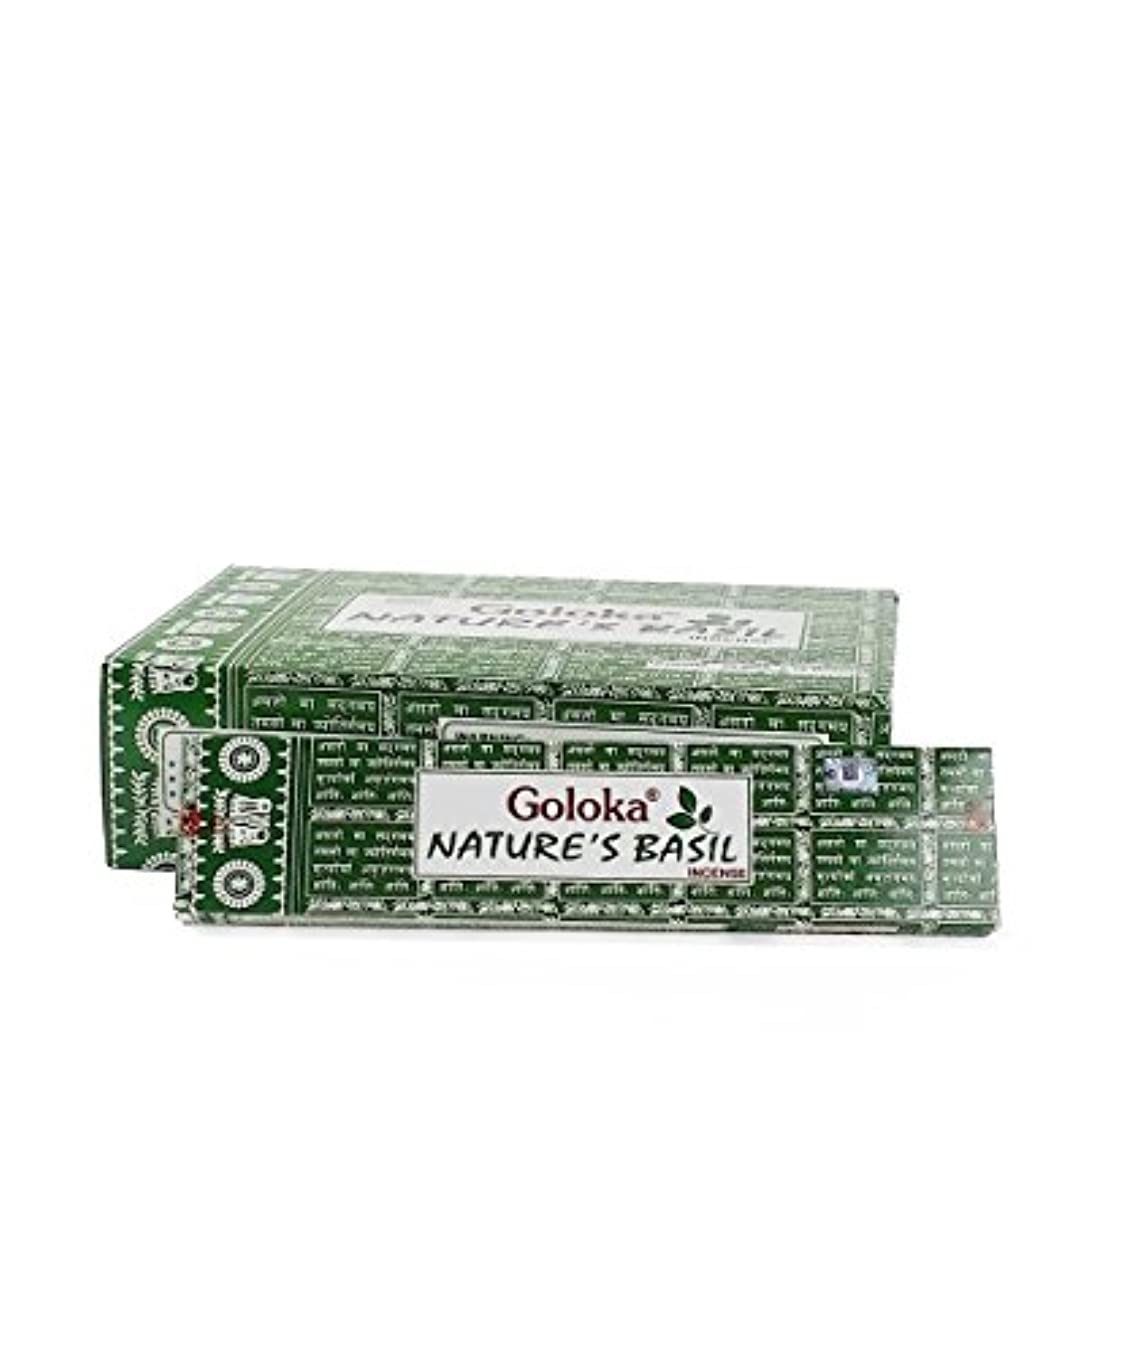 誠実さレタッチヘリコプターグリーンツリーGoloka Natures Basil Incenseボックス12のパック